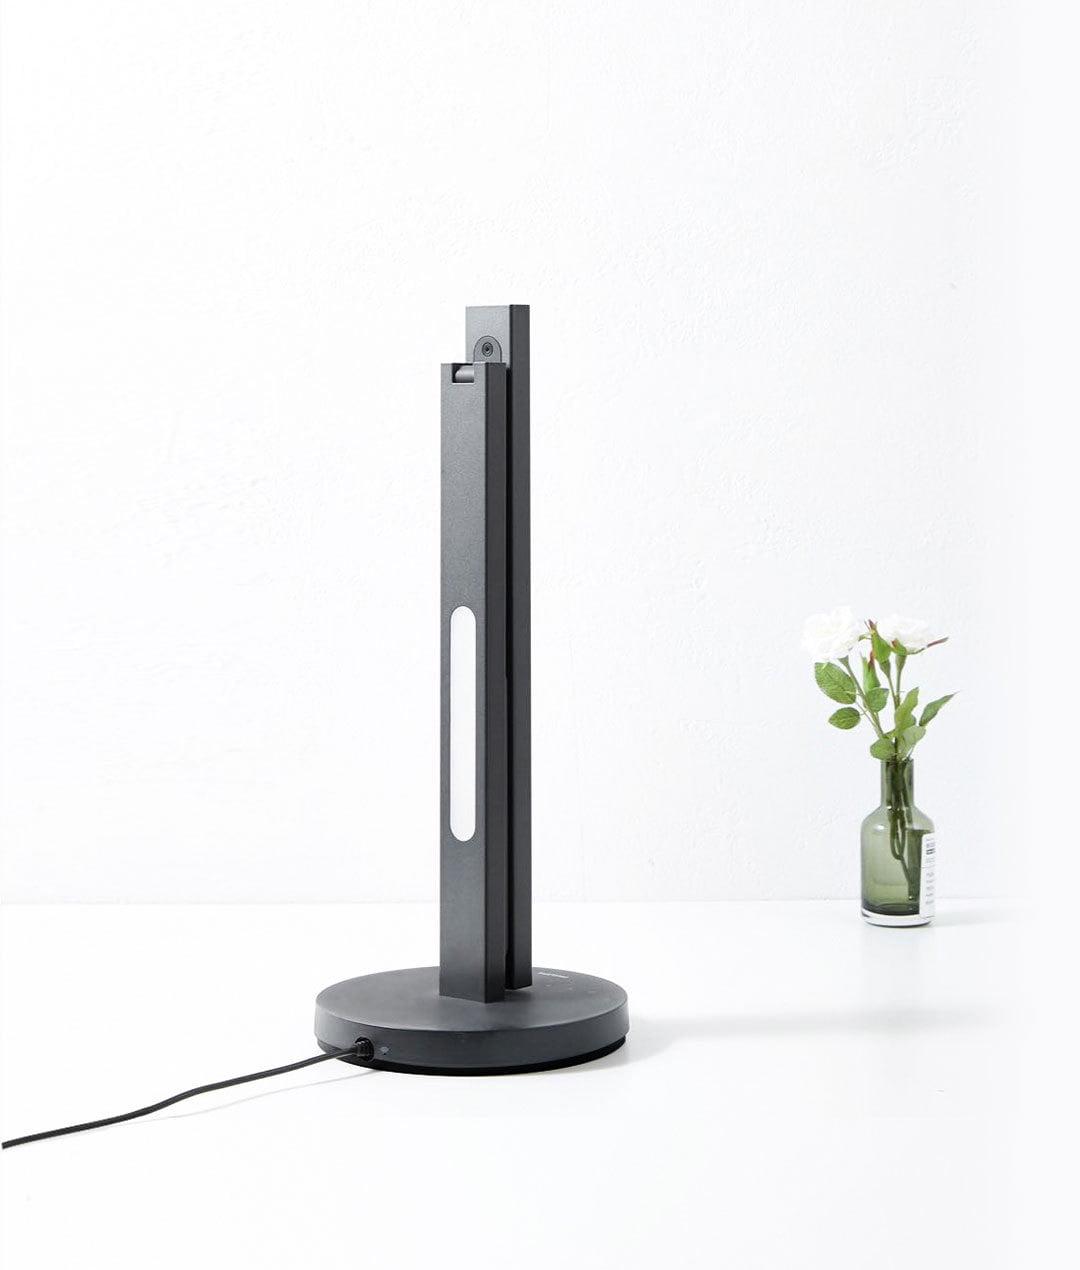 Đèn bàn Philips Wisdom kết nối Wifi